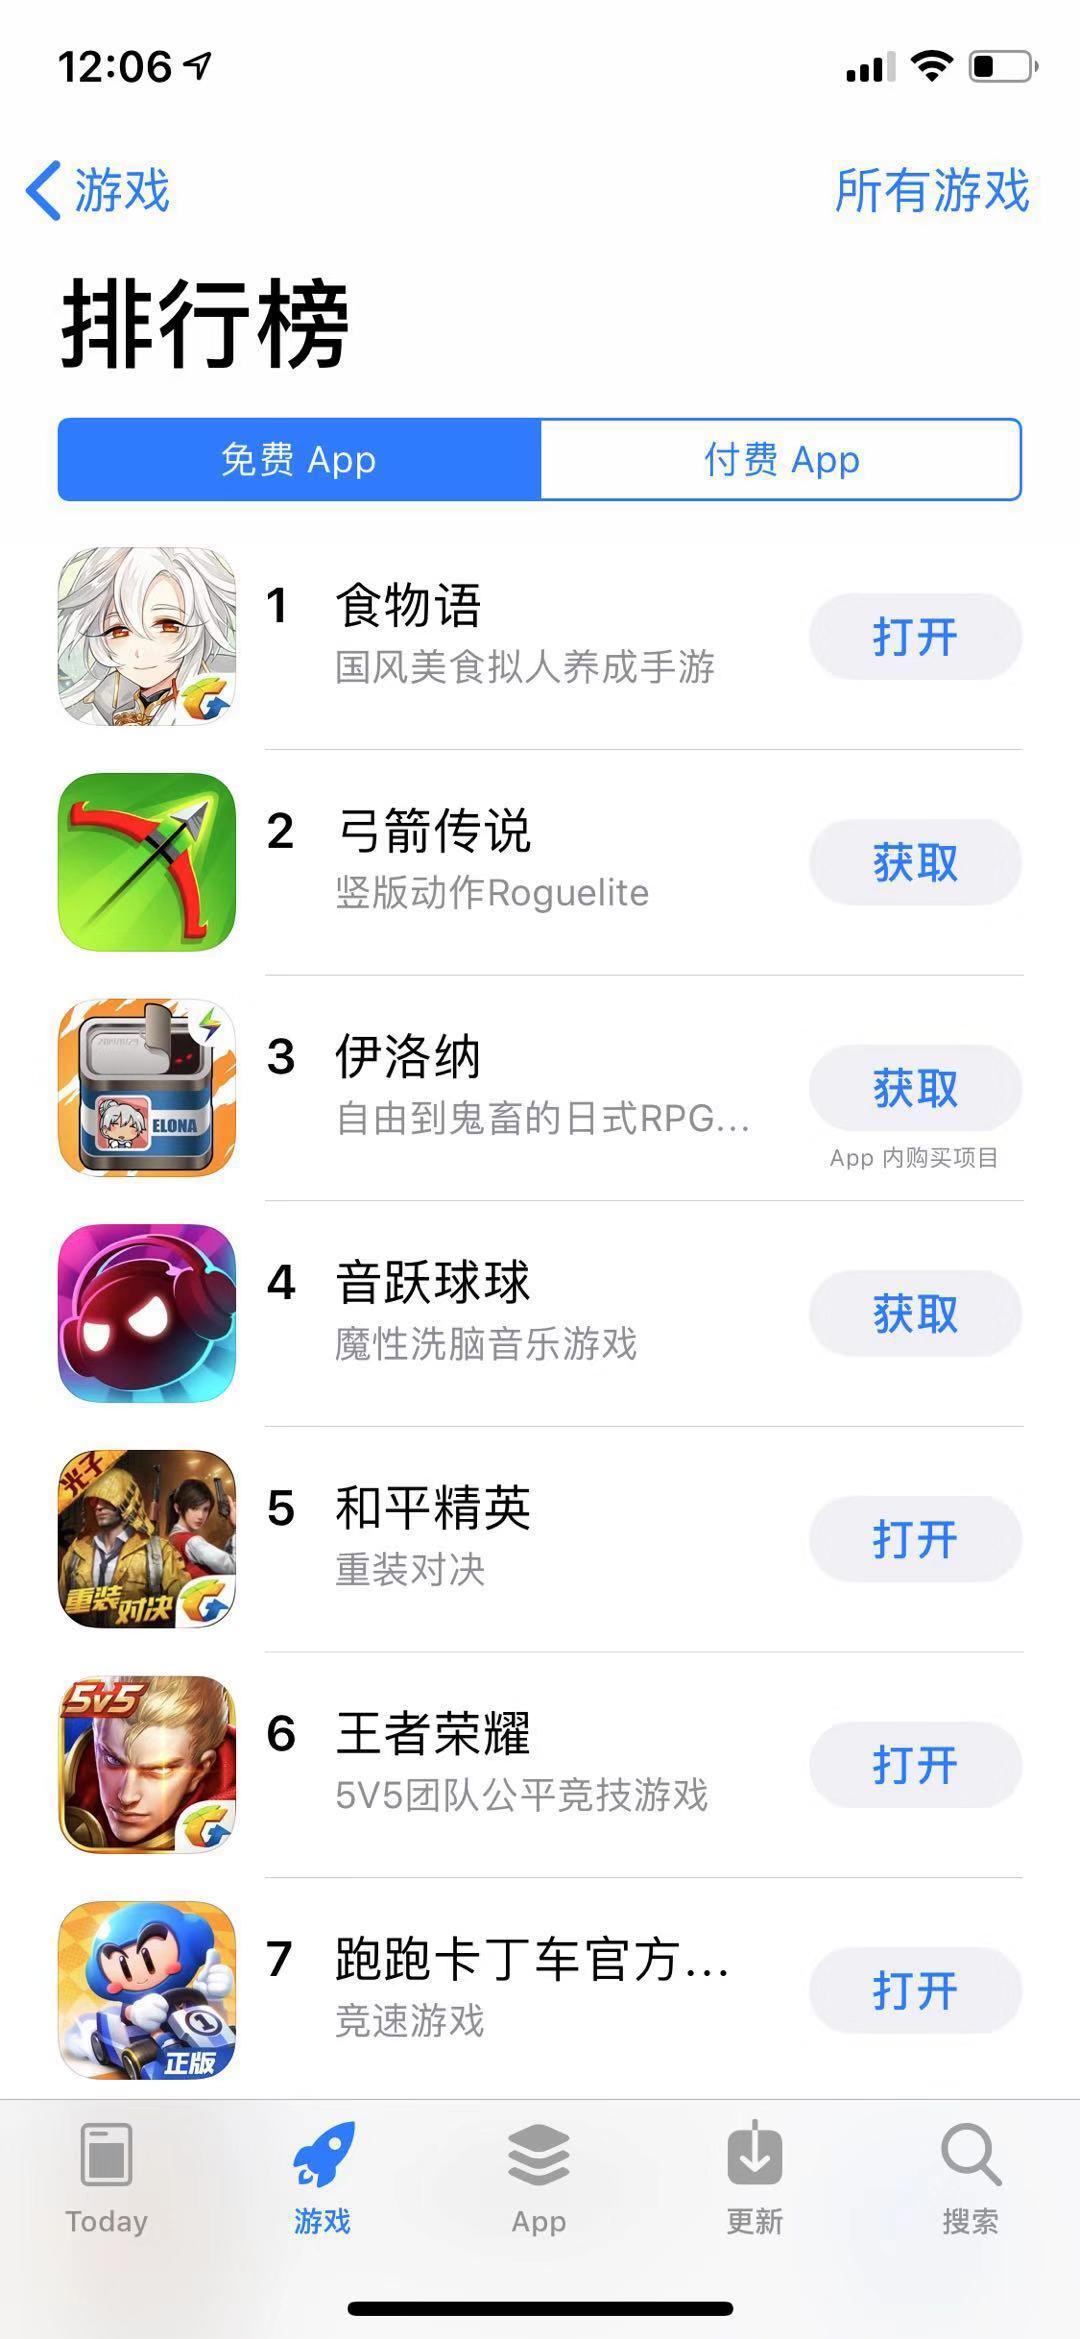 登顶IOS免费榜TOP1,《食物语》会是下一个女性向爆款吗?[视频][多图]图片2